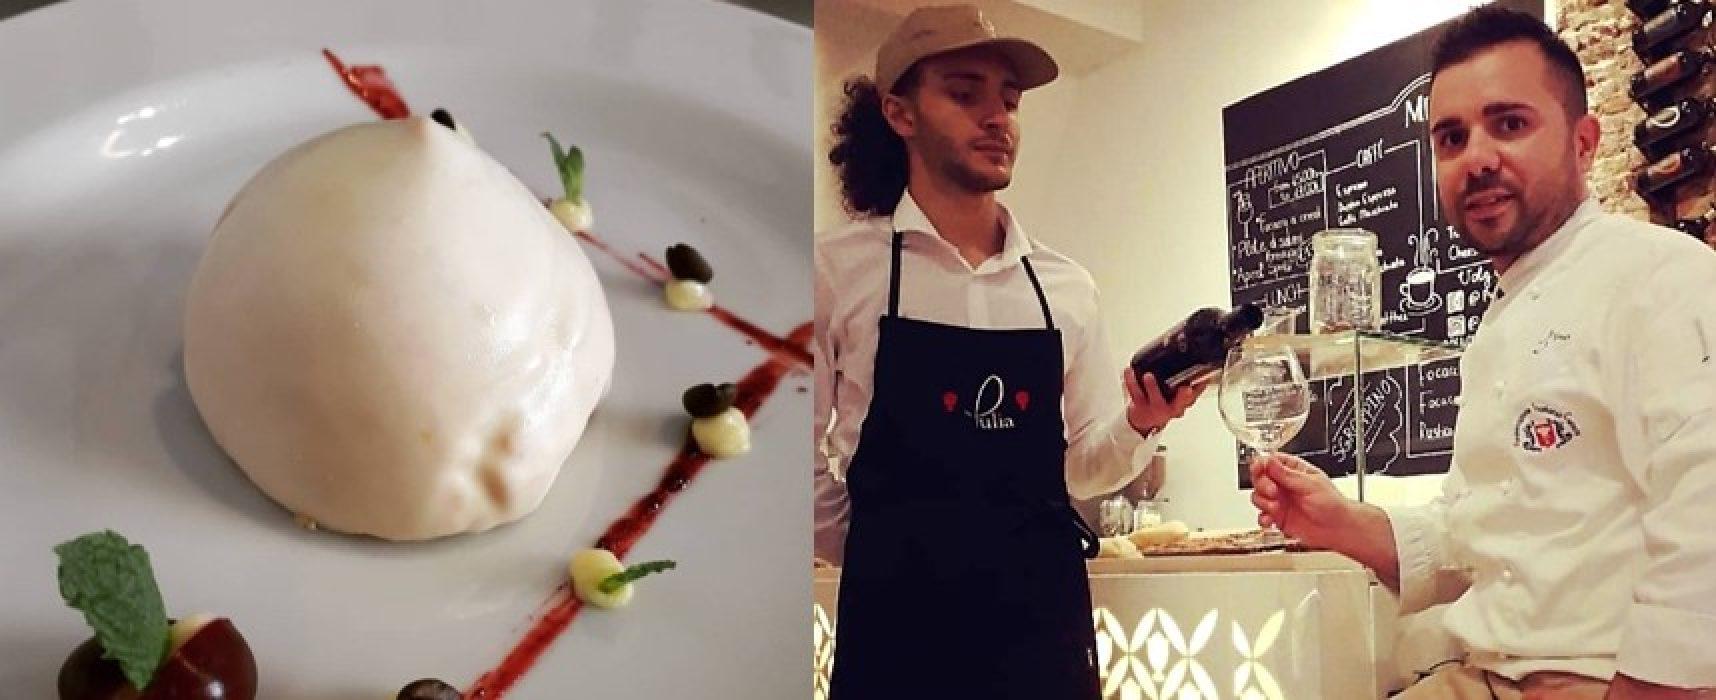 Il sospiro biscegliese sbarca in Olanda grazie allo chef Natale Antonino